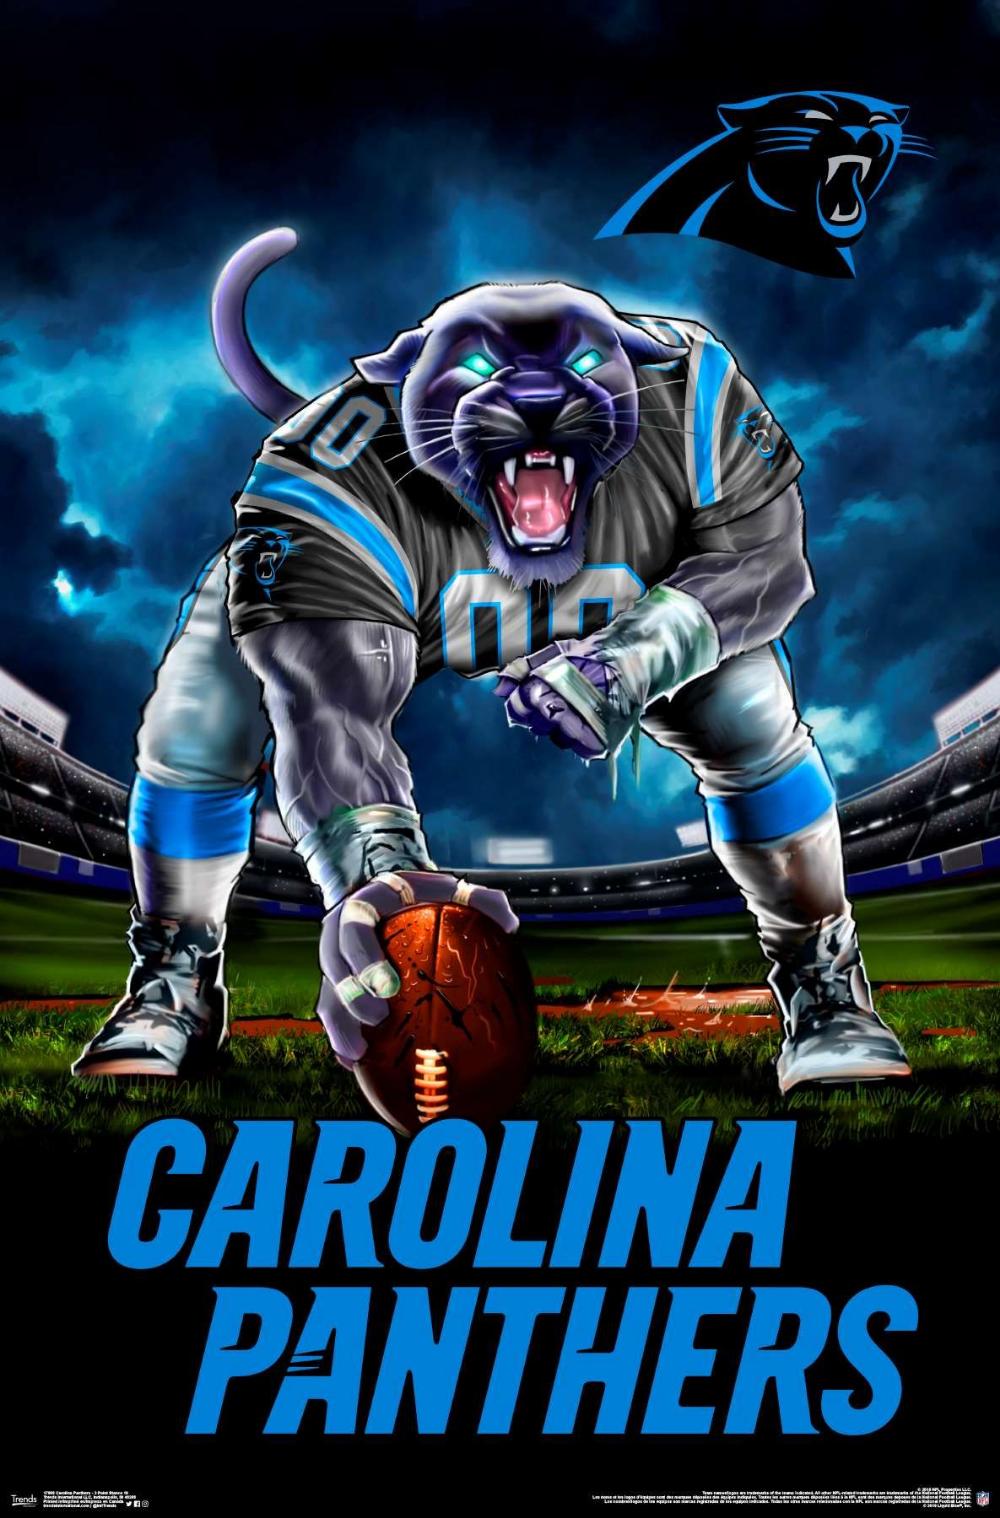 Nfl Carolina Panthers 3 Point Stance 19 Carolina Panthers Football Nfl Carolina Panthers Nfl Football Art